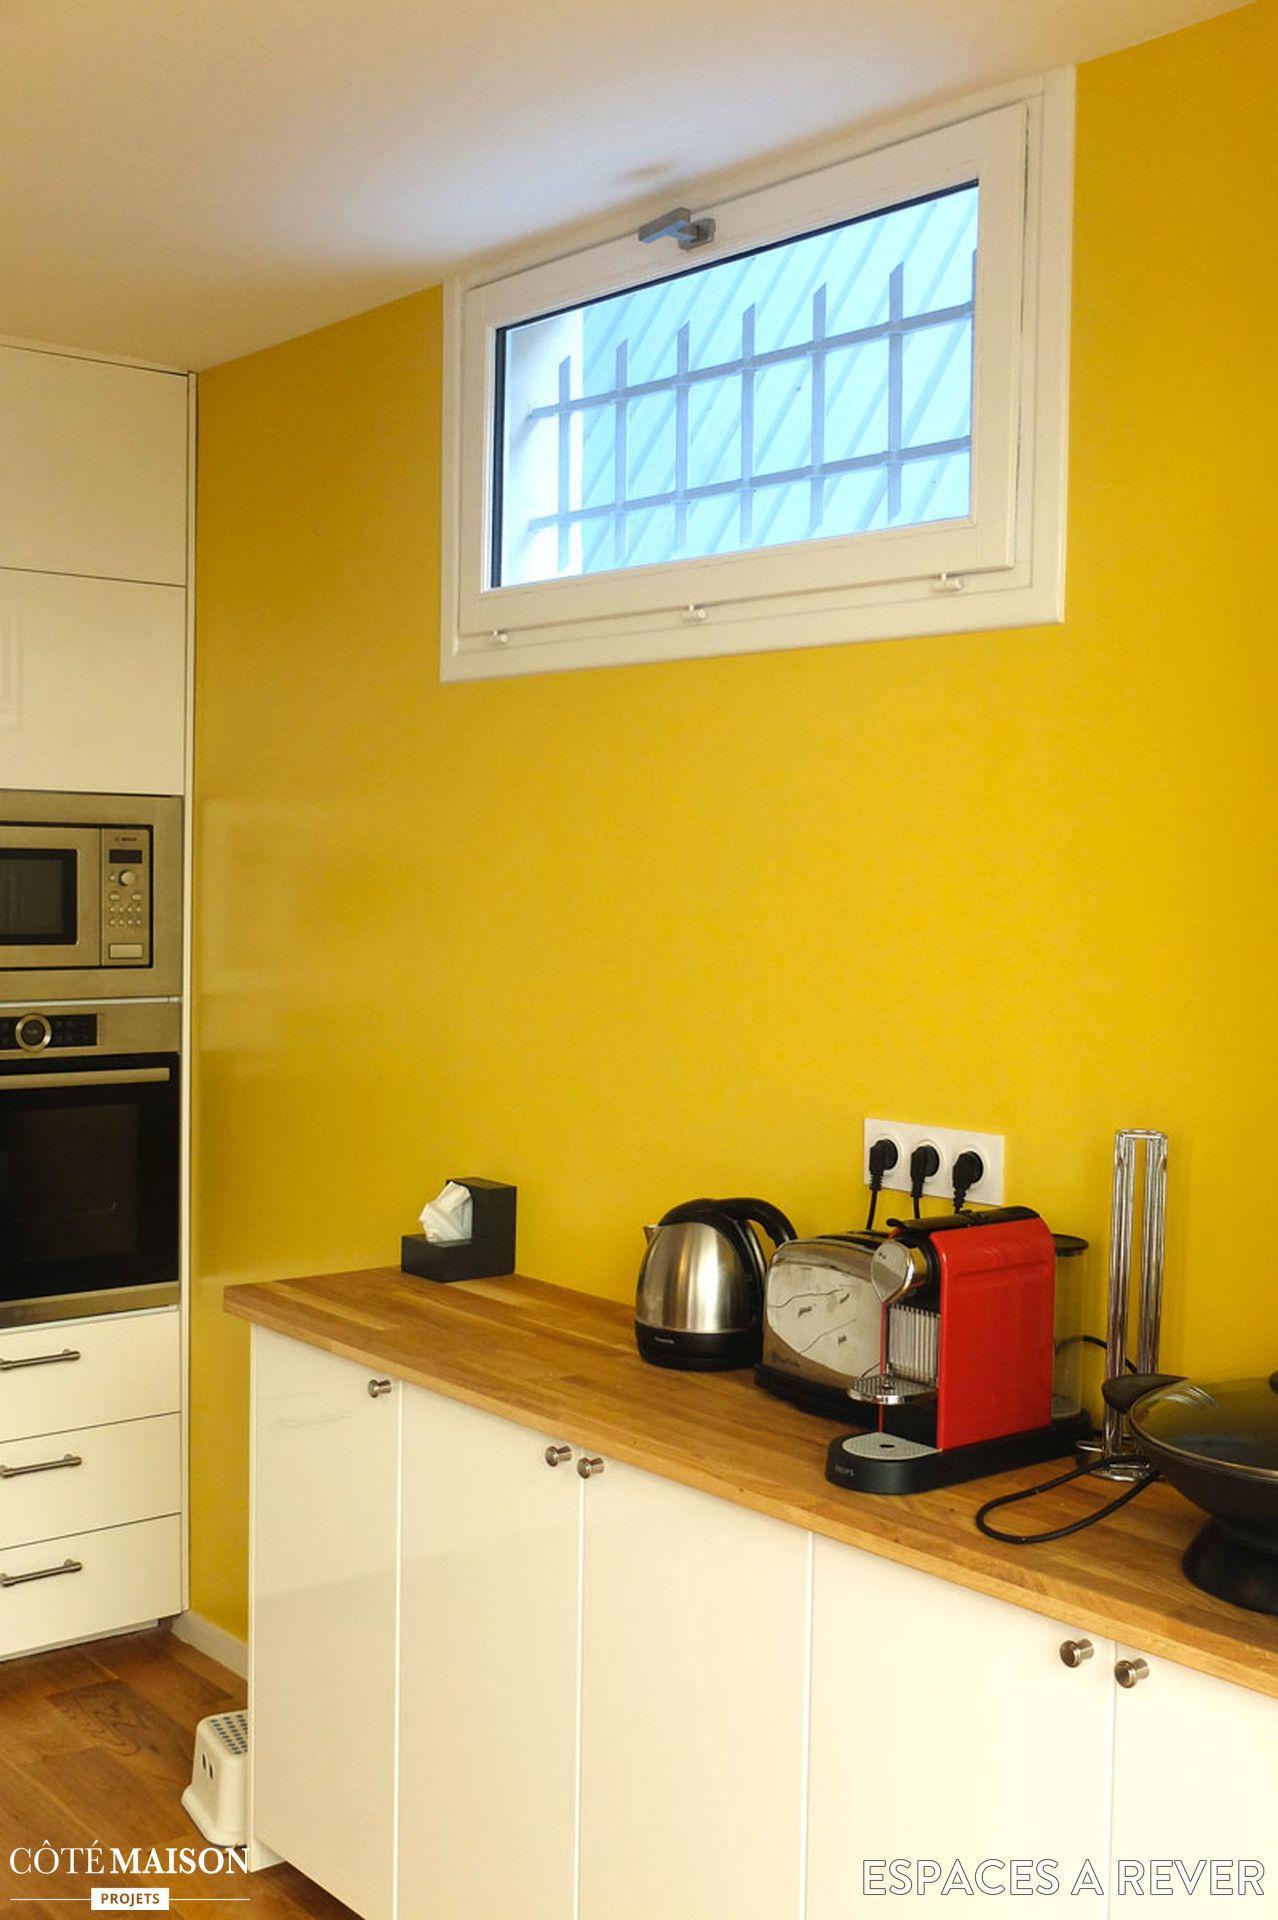 une cuisine au mur jaune d co cuisine pinterest murs jaunes r novation de la maison et mur. Black Bedroom Furniture Sets. Home Design Ideas